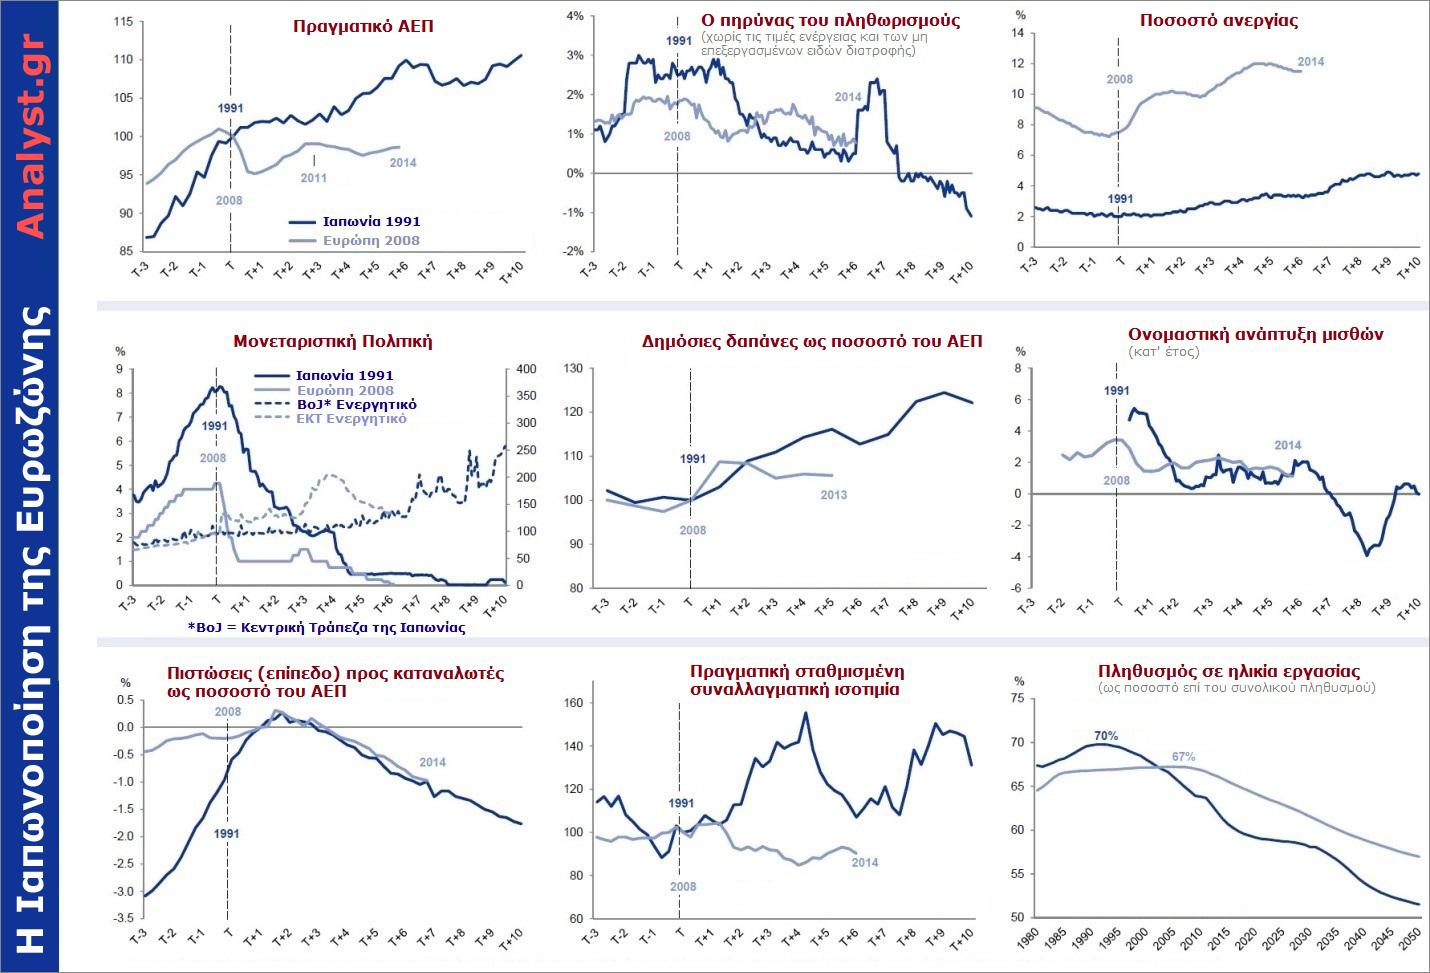 Η-Ιαπωνοποίηση-της-Ευρωζώνης----η-εξέλιξη-των-βασικών-οικονομικών-μεγεθών-της-Ευρωζώνης,-με-τα-αντίστοιχα-της-Ιαπωνίας